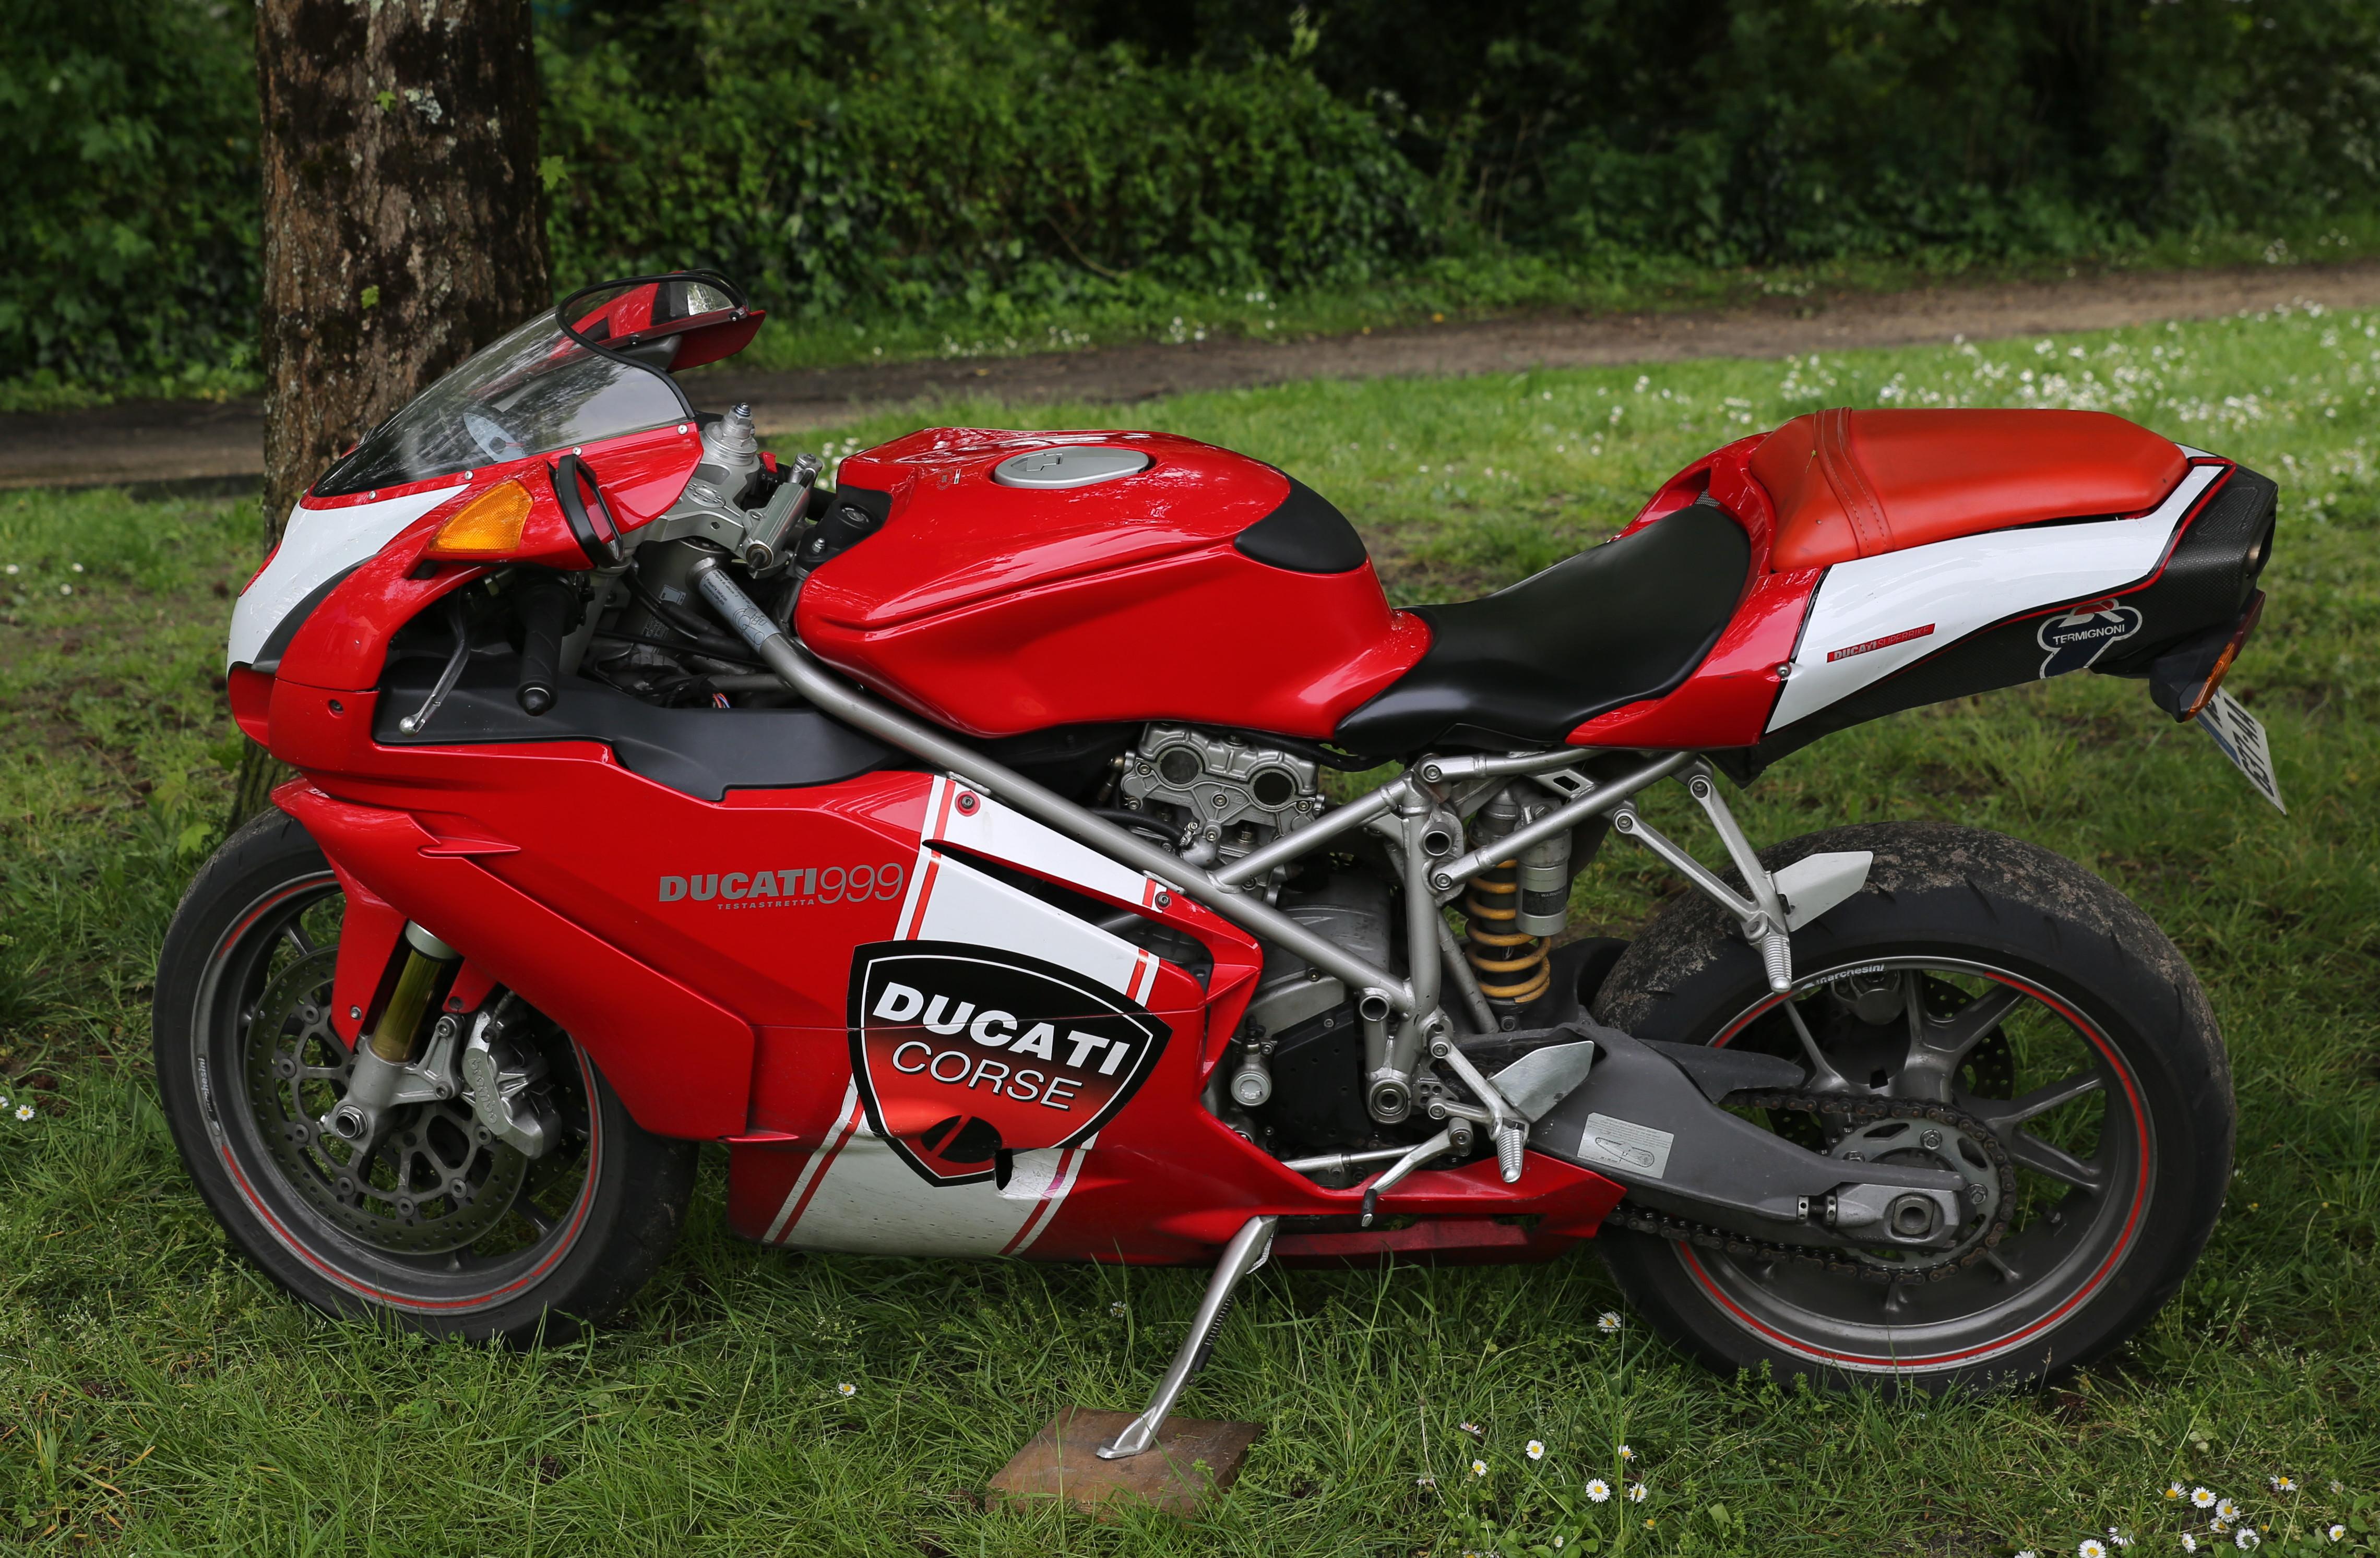 Ducati Corse For Sale Uk